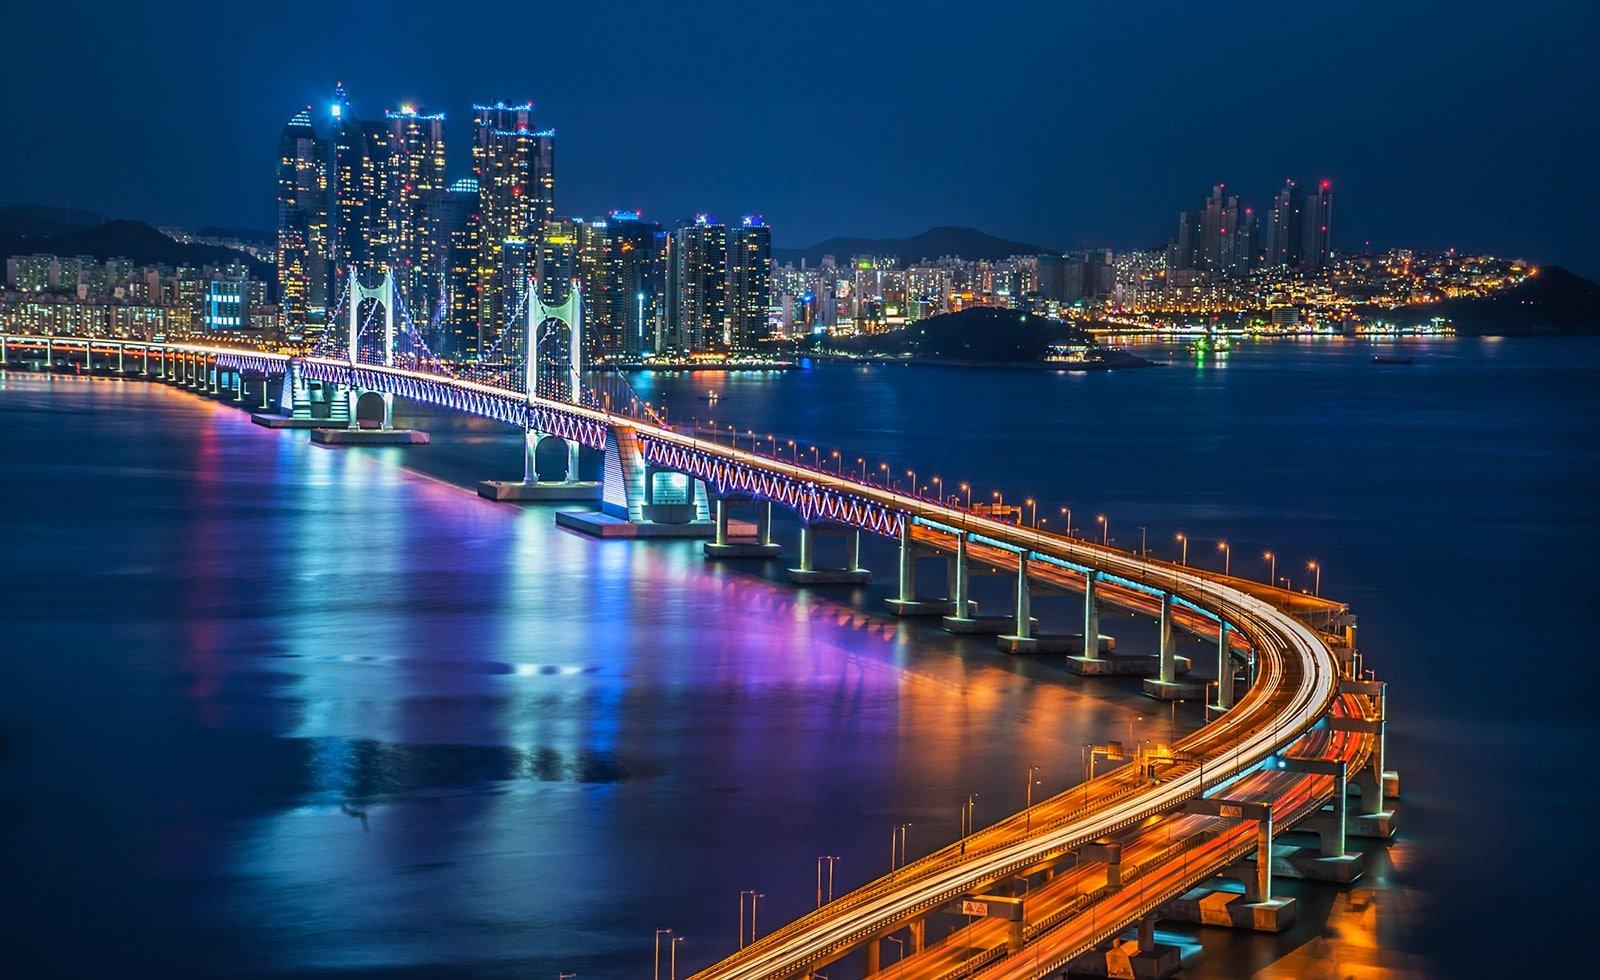 League of Legends World Championship venue Busan